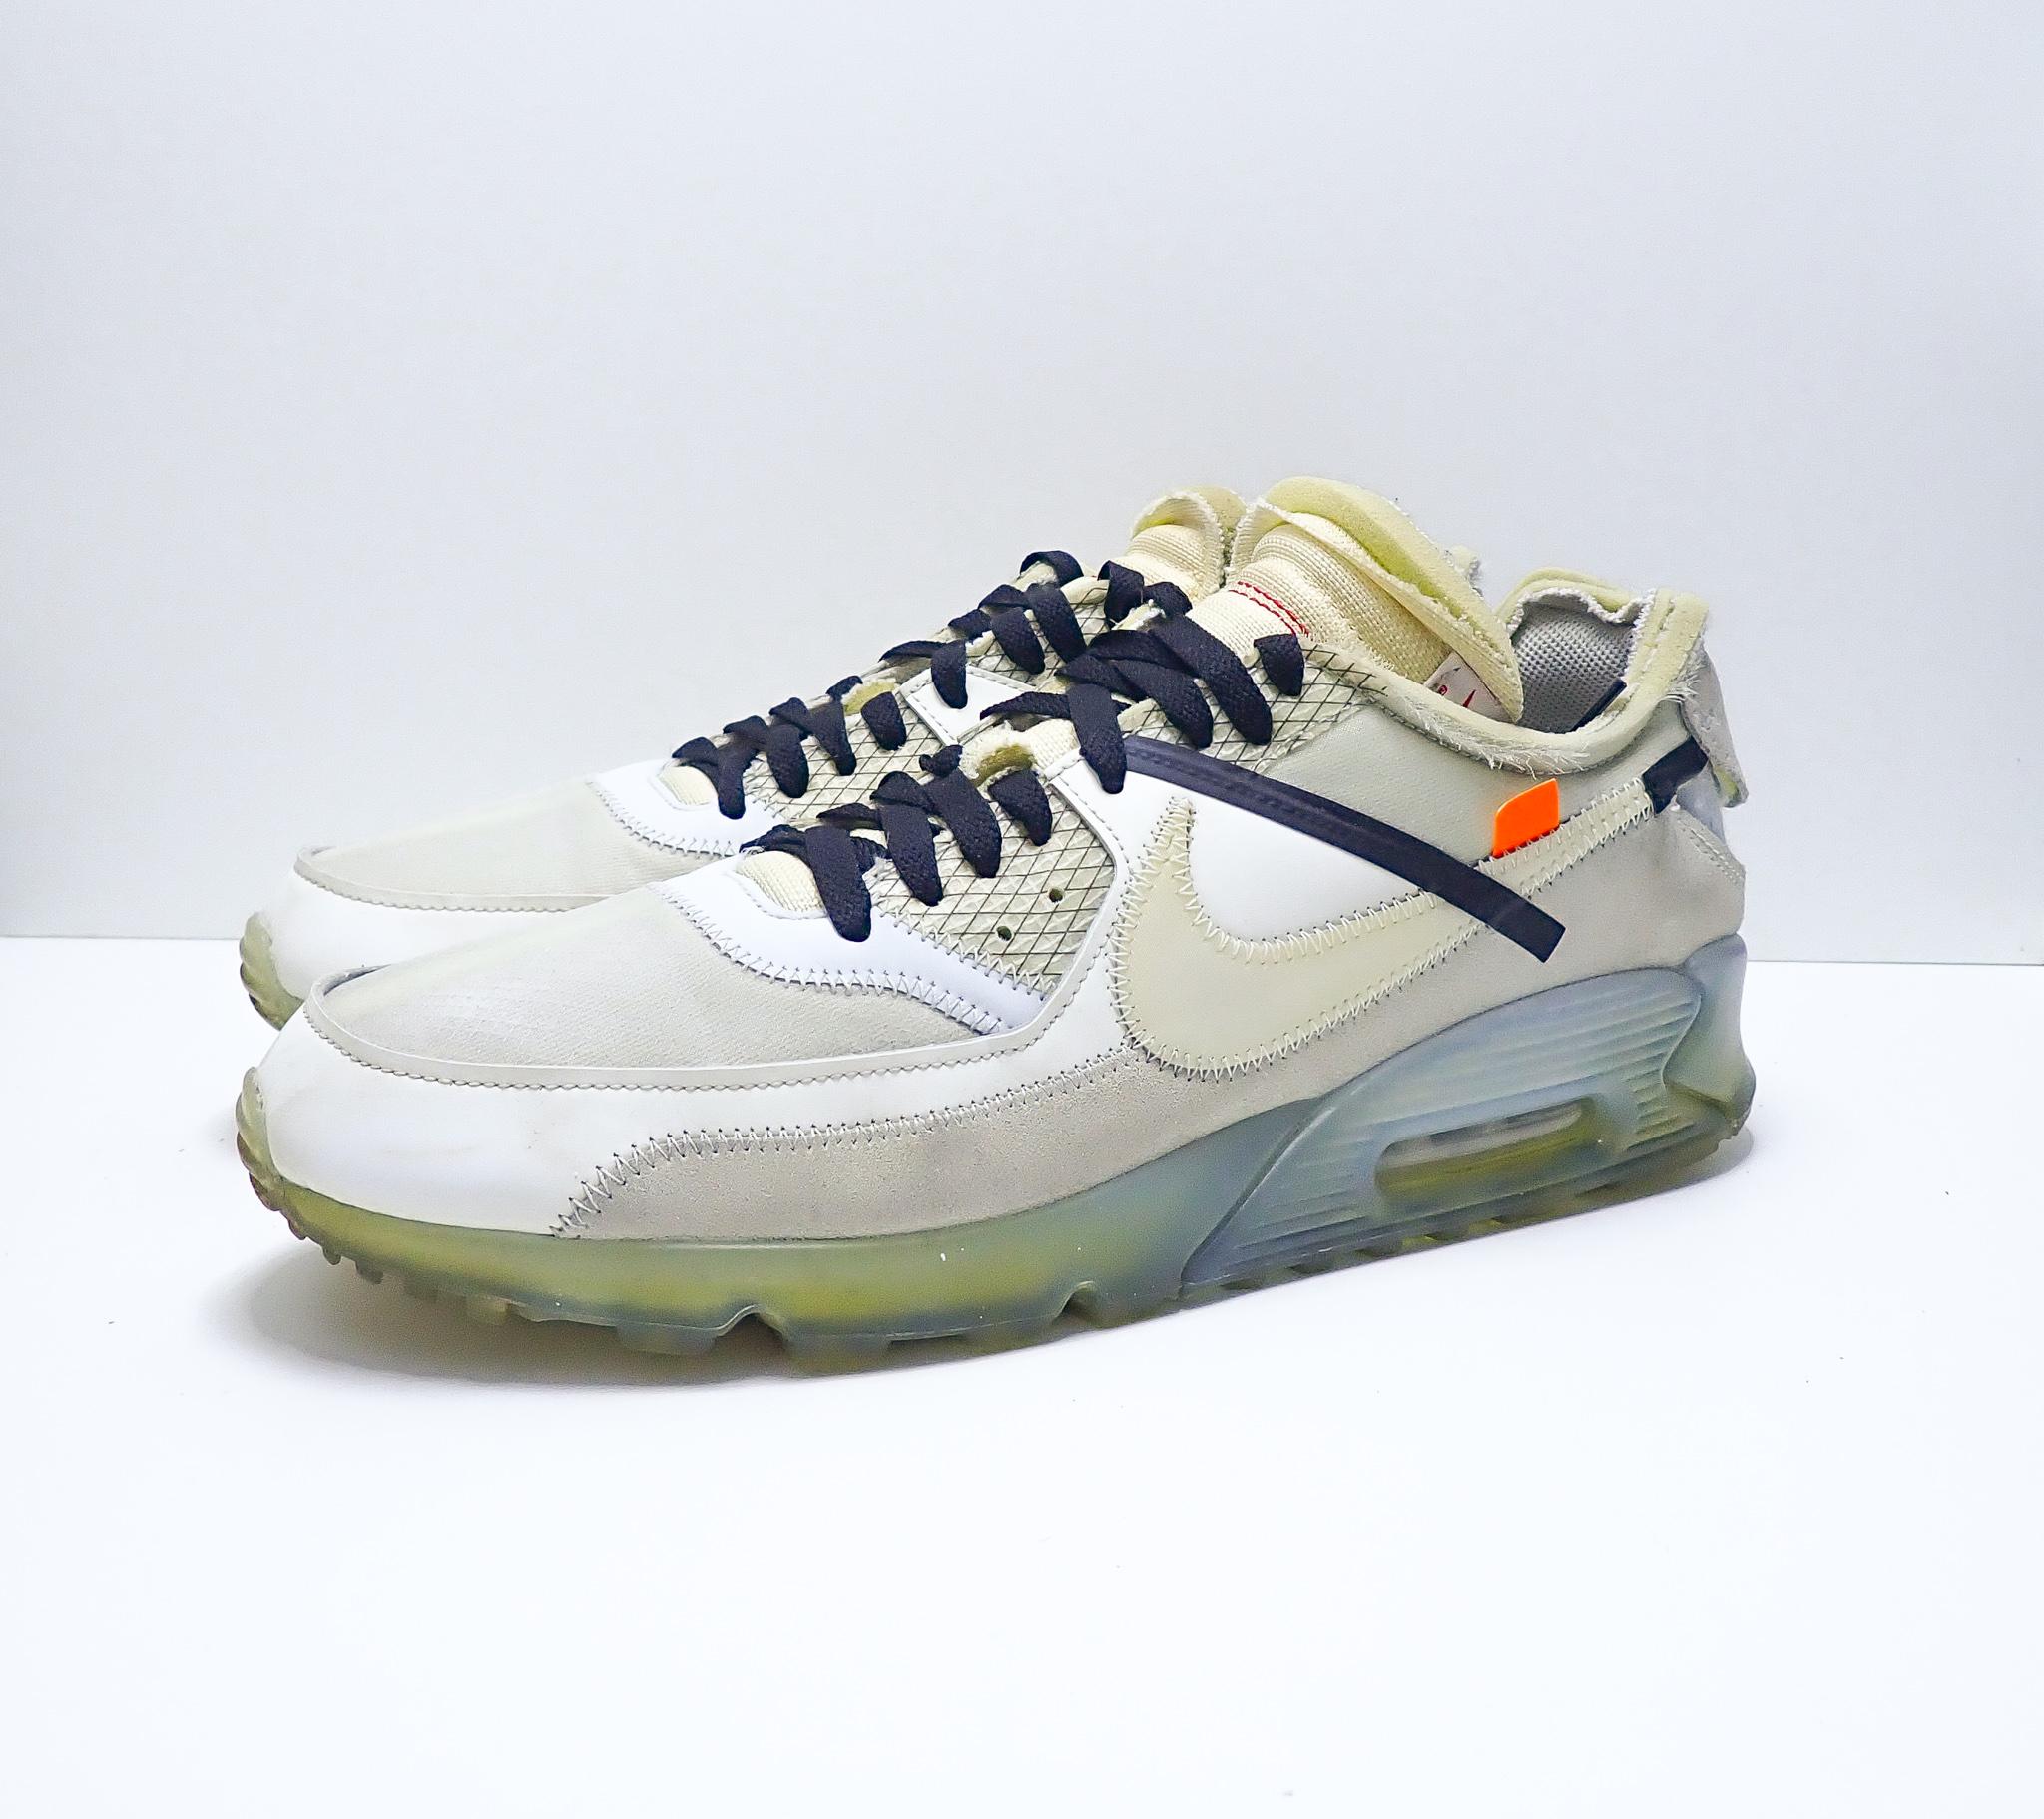 Nike Air Max 90 Off White